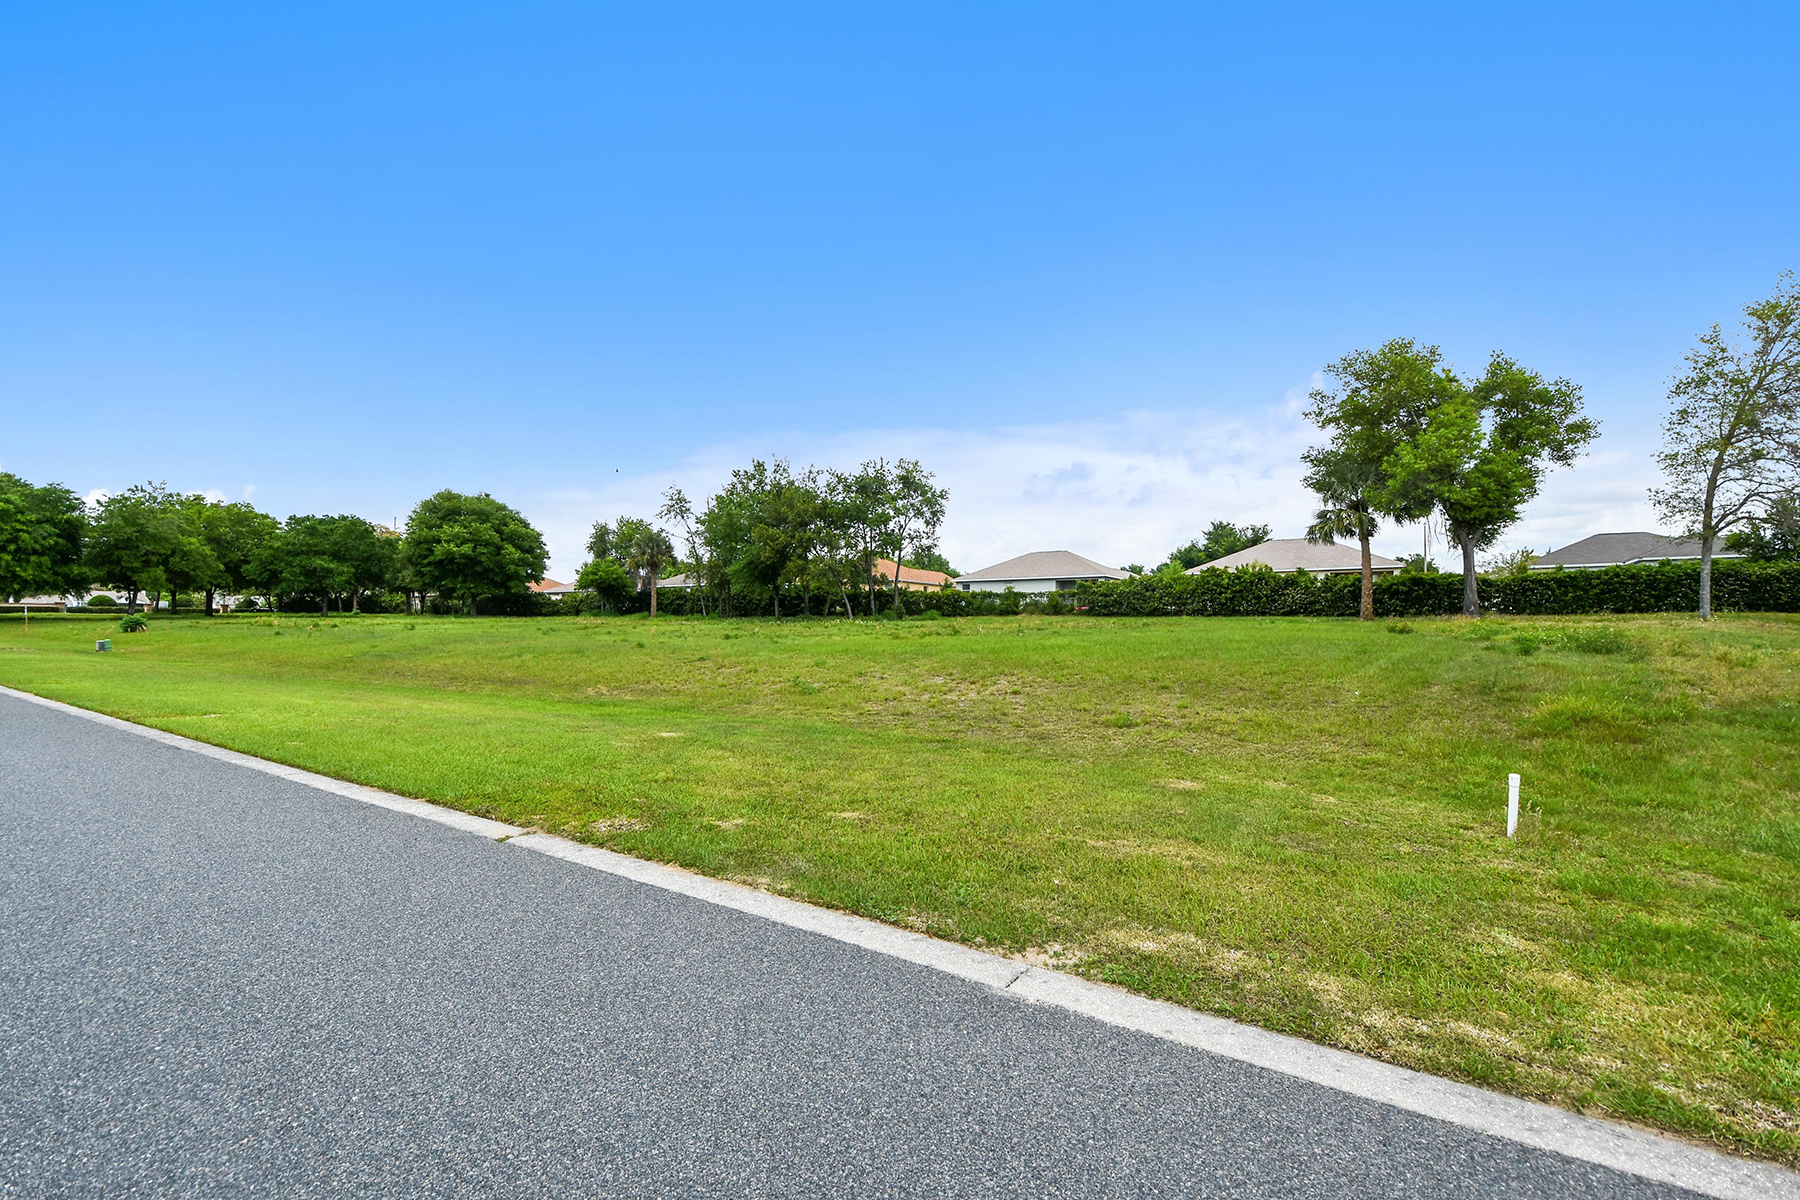 Land for Sale at ORLANDO - EUSTIS 229 Two Lakes Ln 3 Eustis, Florida, 32726 United States